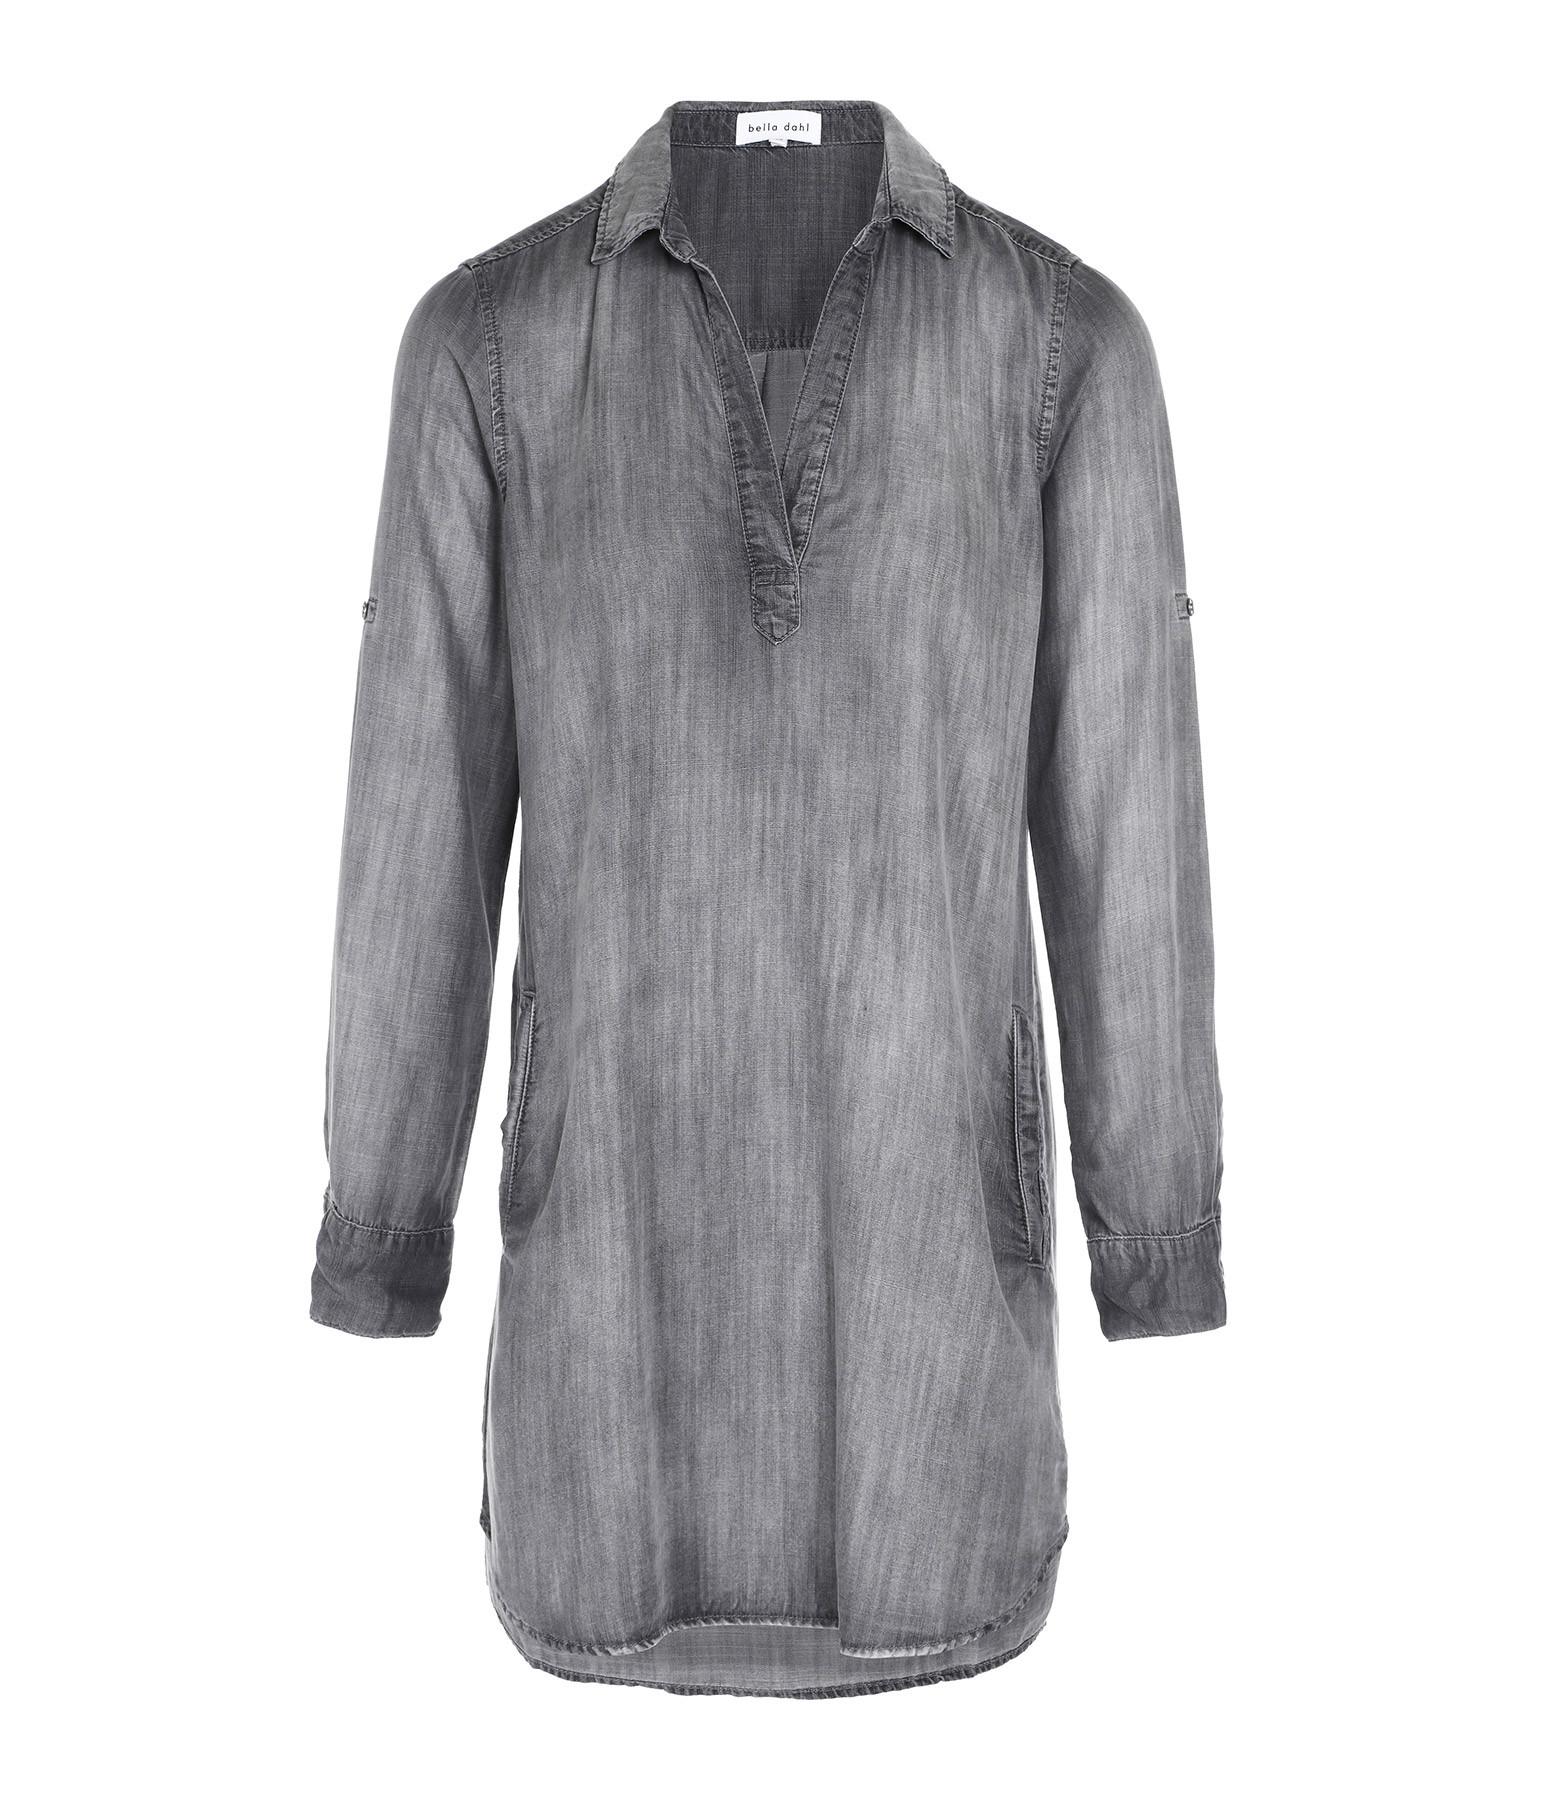 BELLA DAHL - Robe Chemise Denim Gris Artic